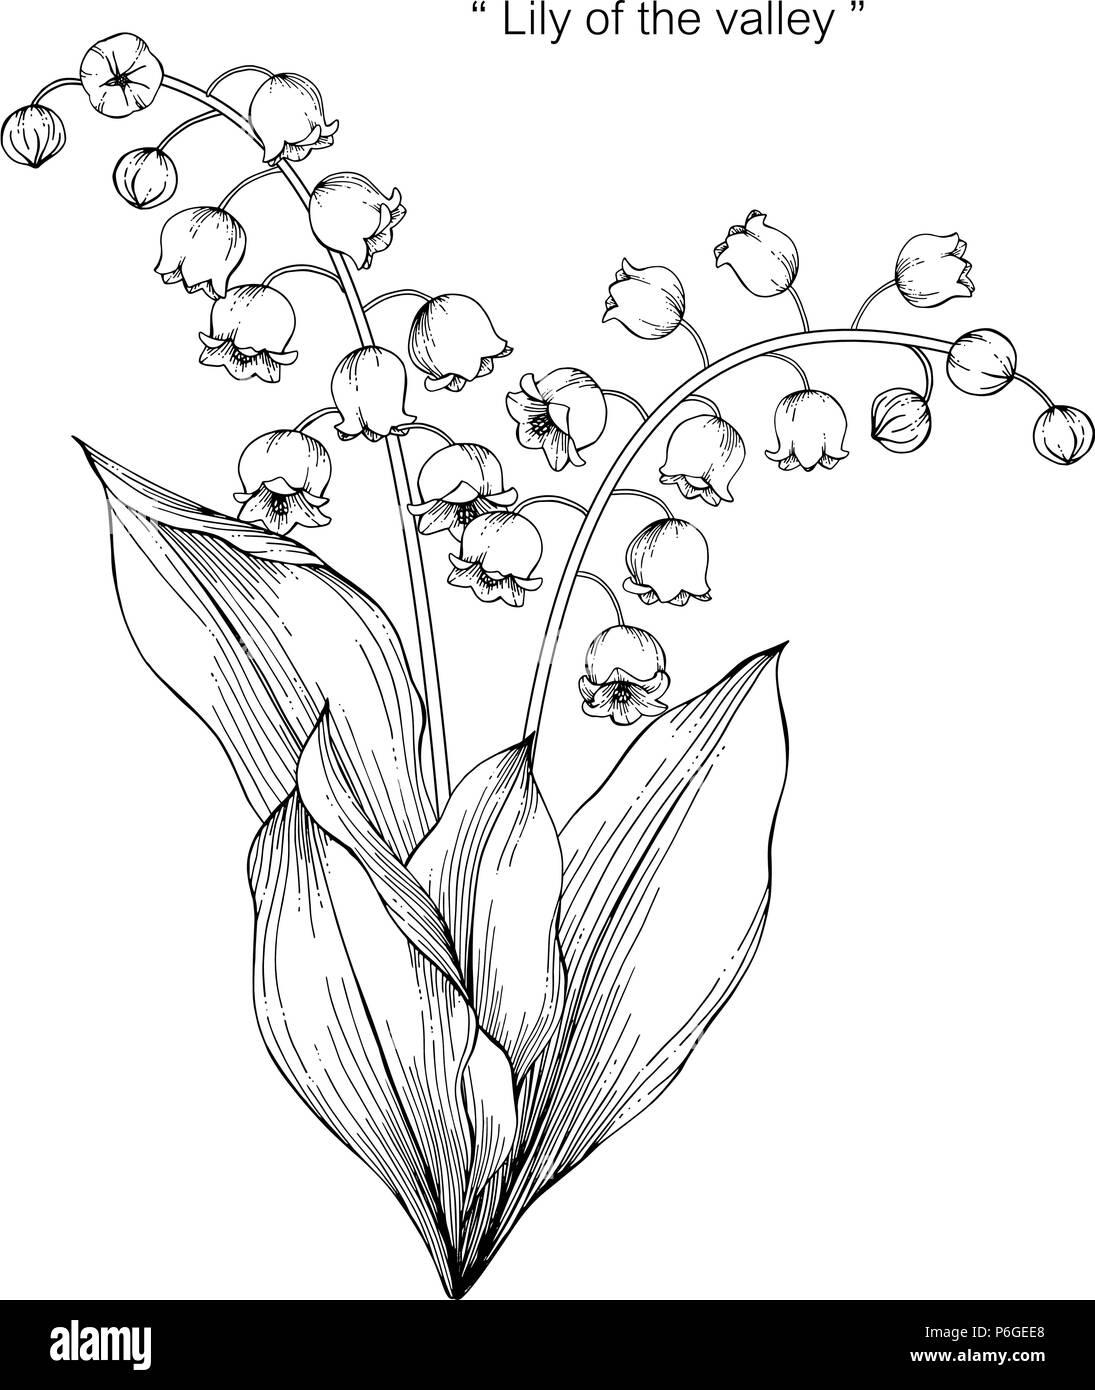 Le Muguet Fleur Dessin Illustration Noir Et Blanc Avec